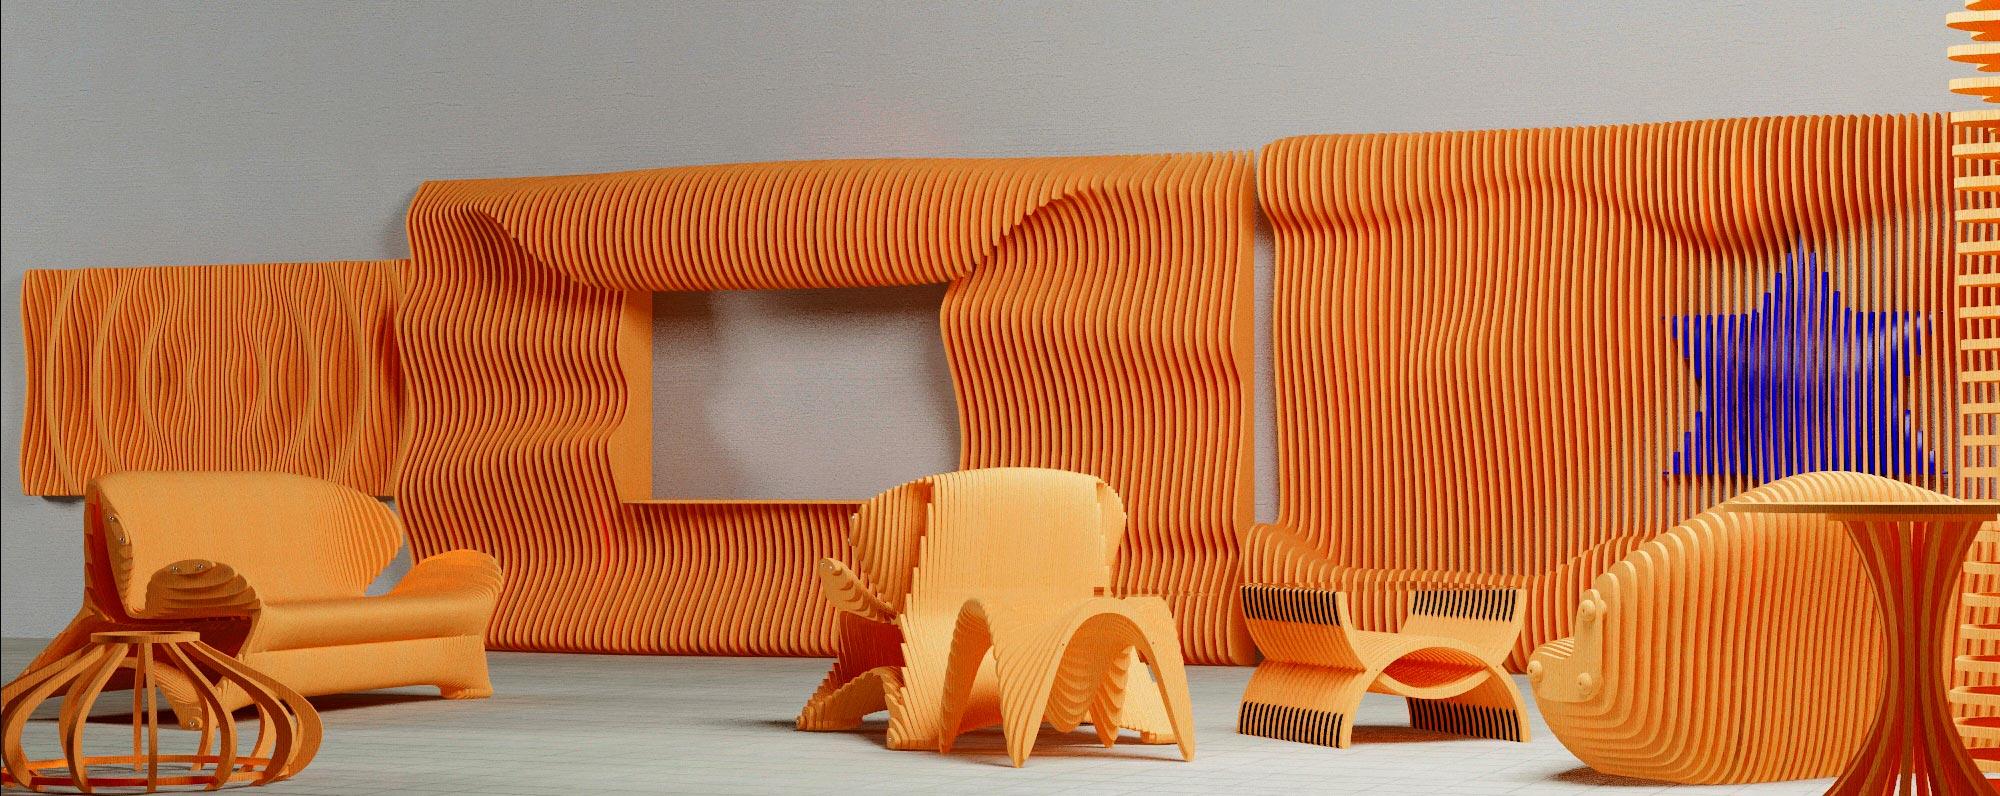 Параметрический дизайн мебели и предметов интерьера